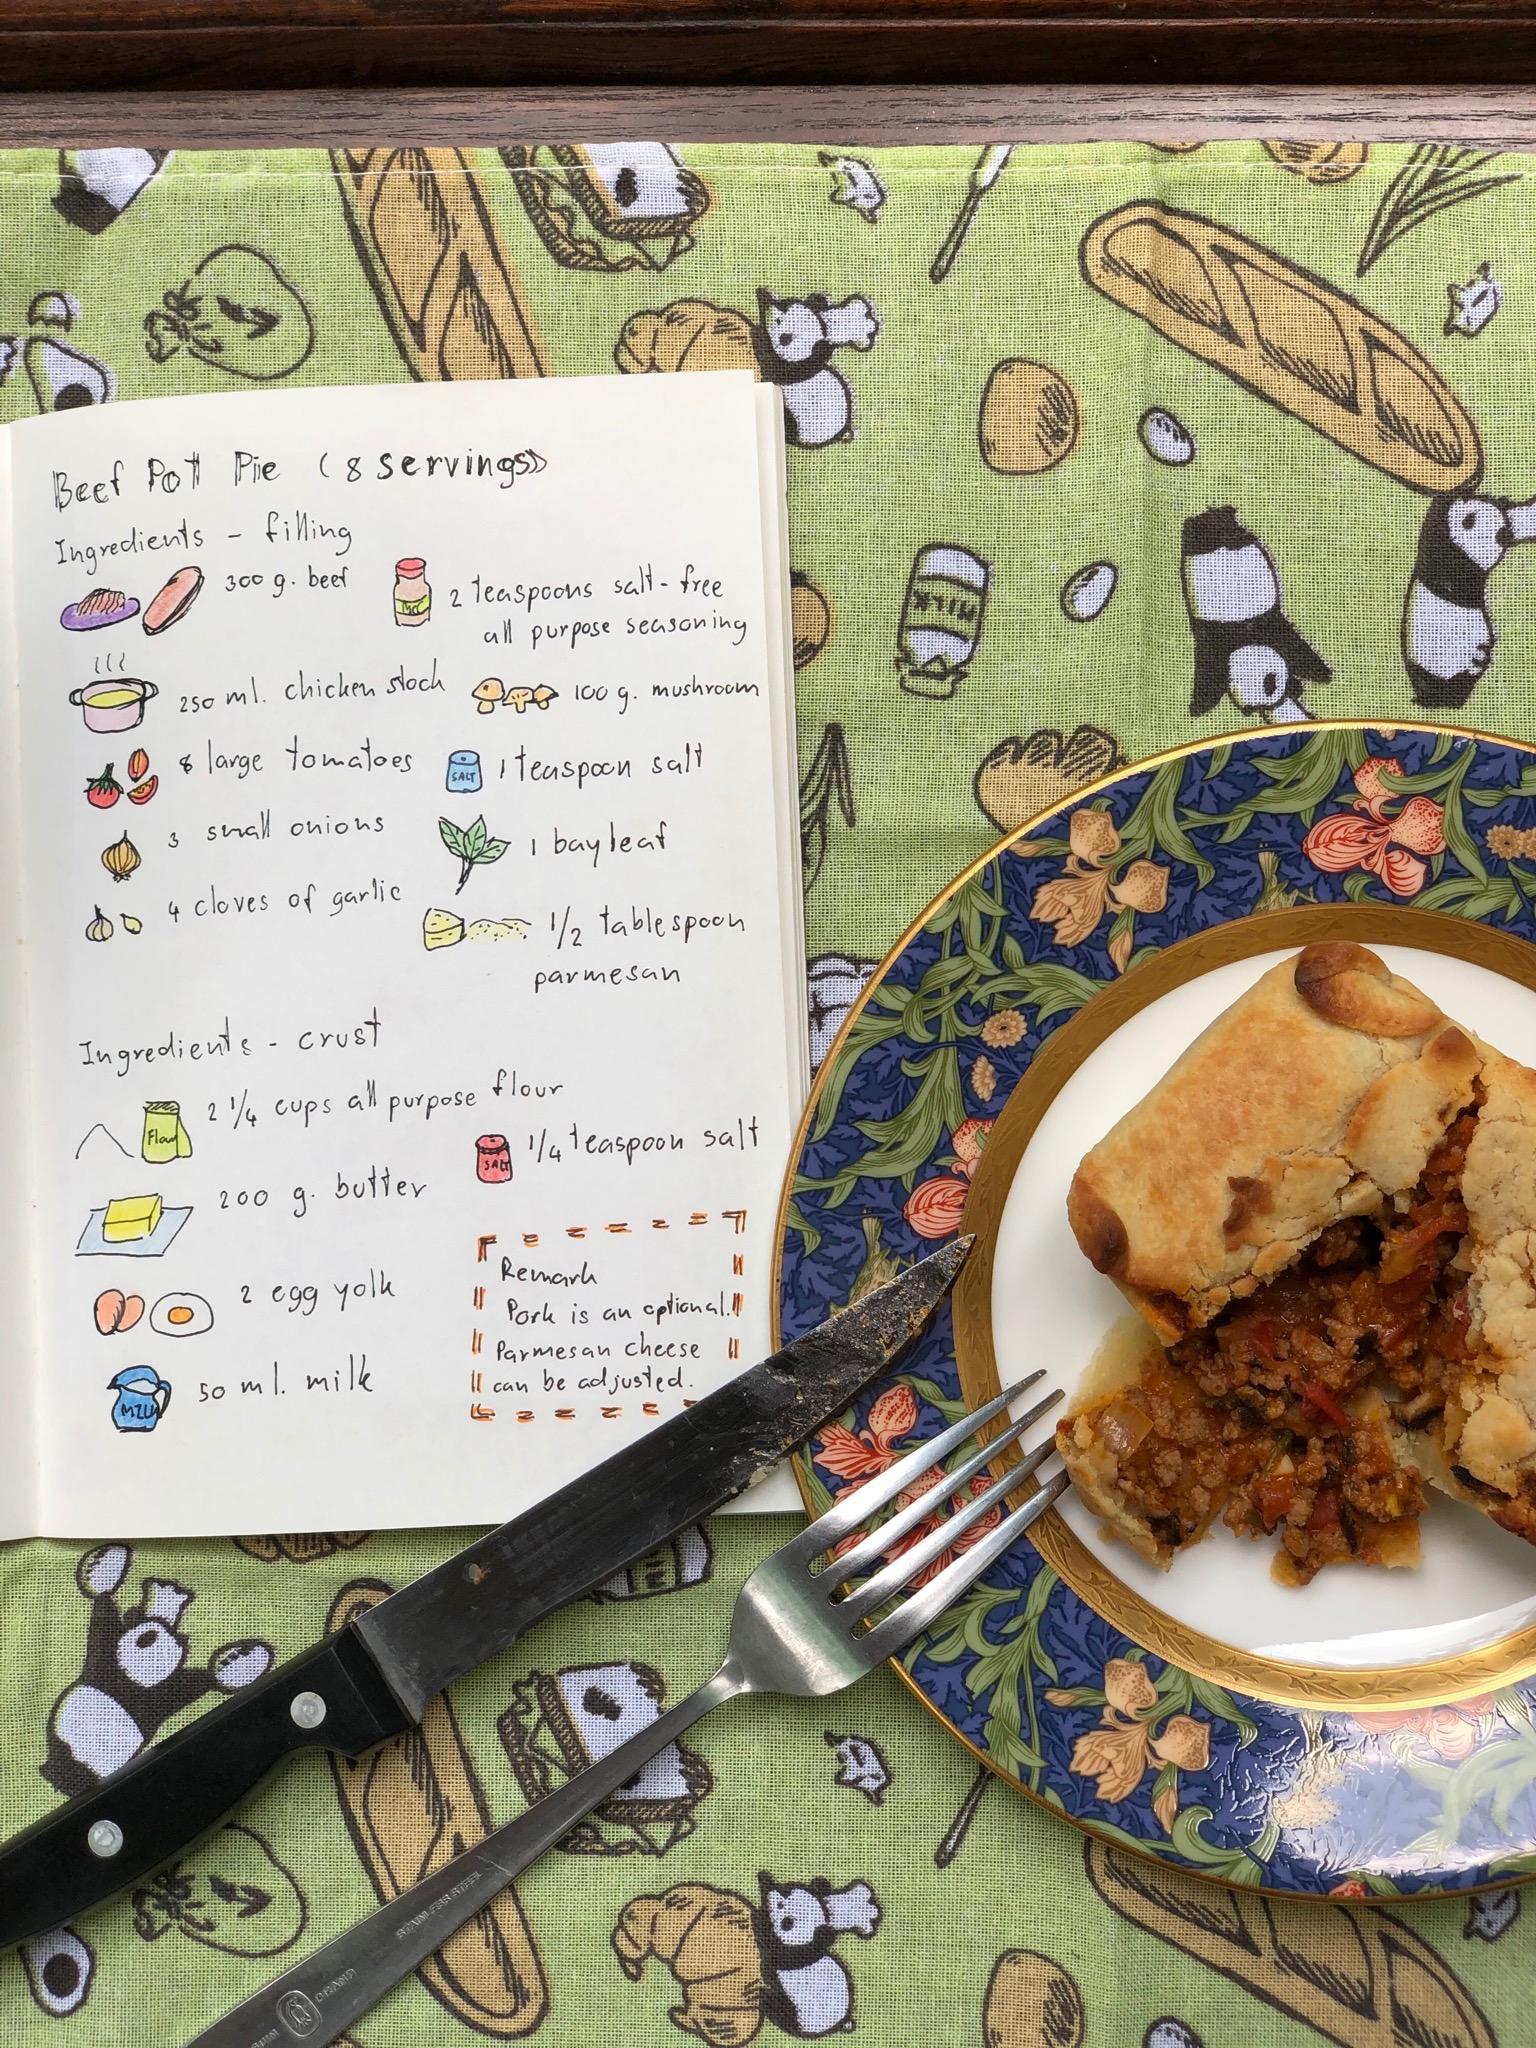 Beef pot pie Image